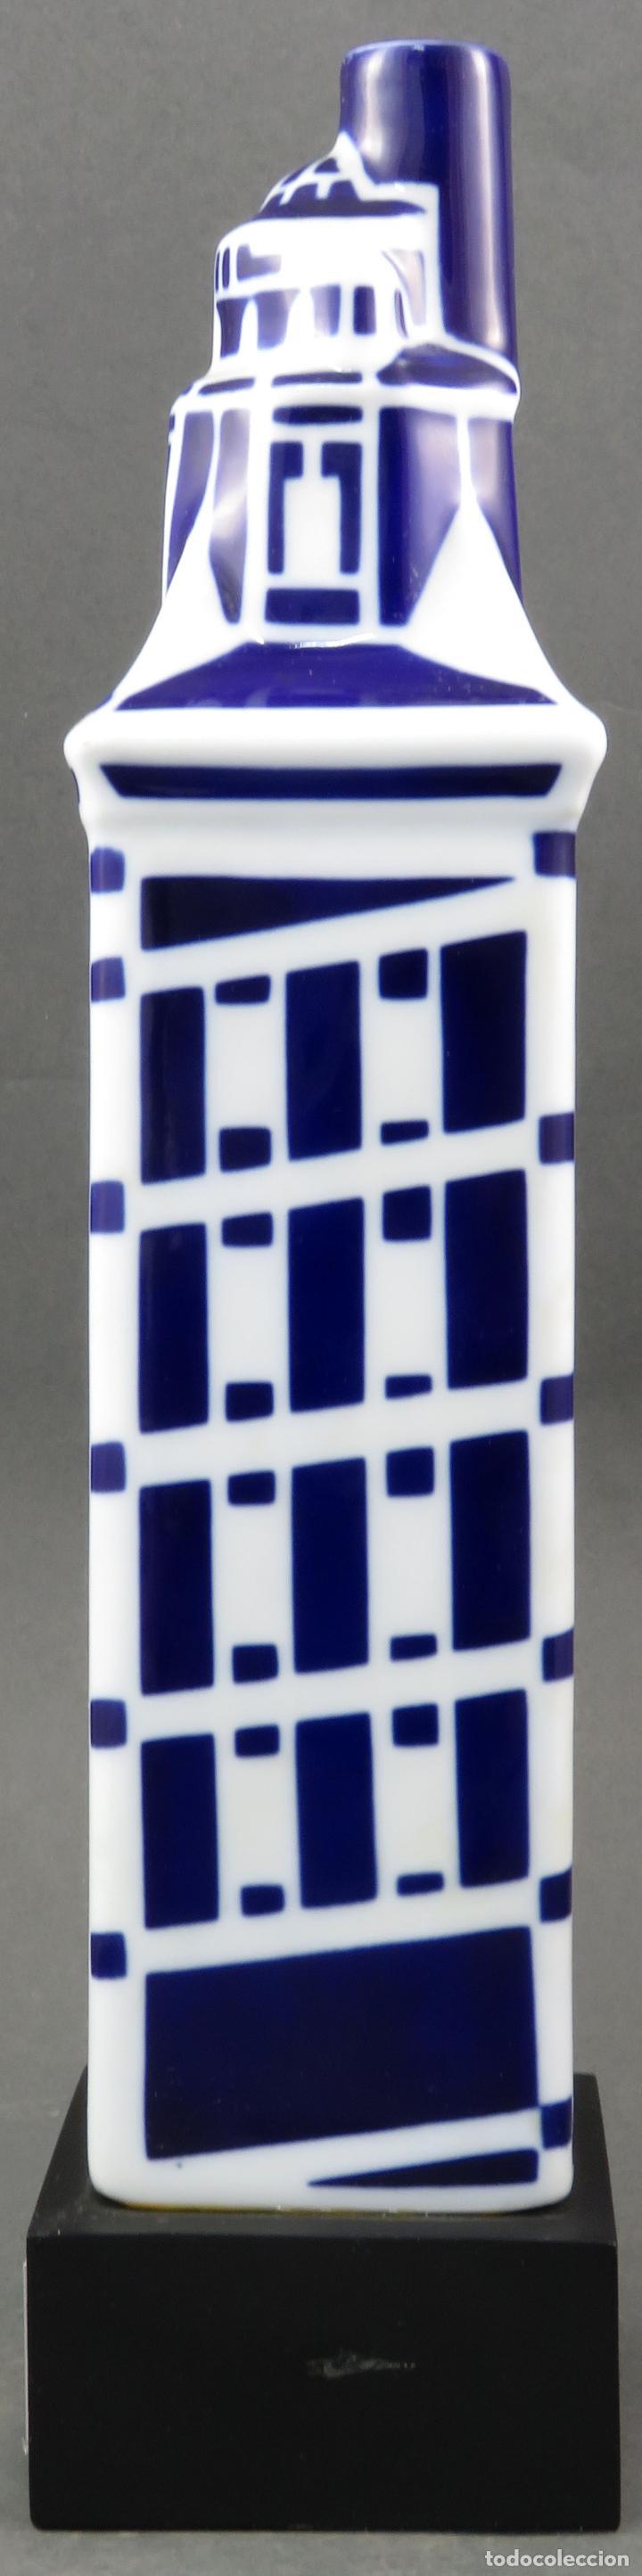 Antigüedades: Botella Torre de Hercules en cerámica Castro Sargadelos 1997 con base de madera - Foto 2 - 154268918